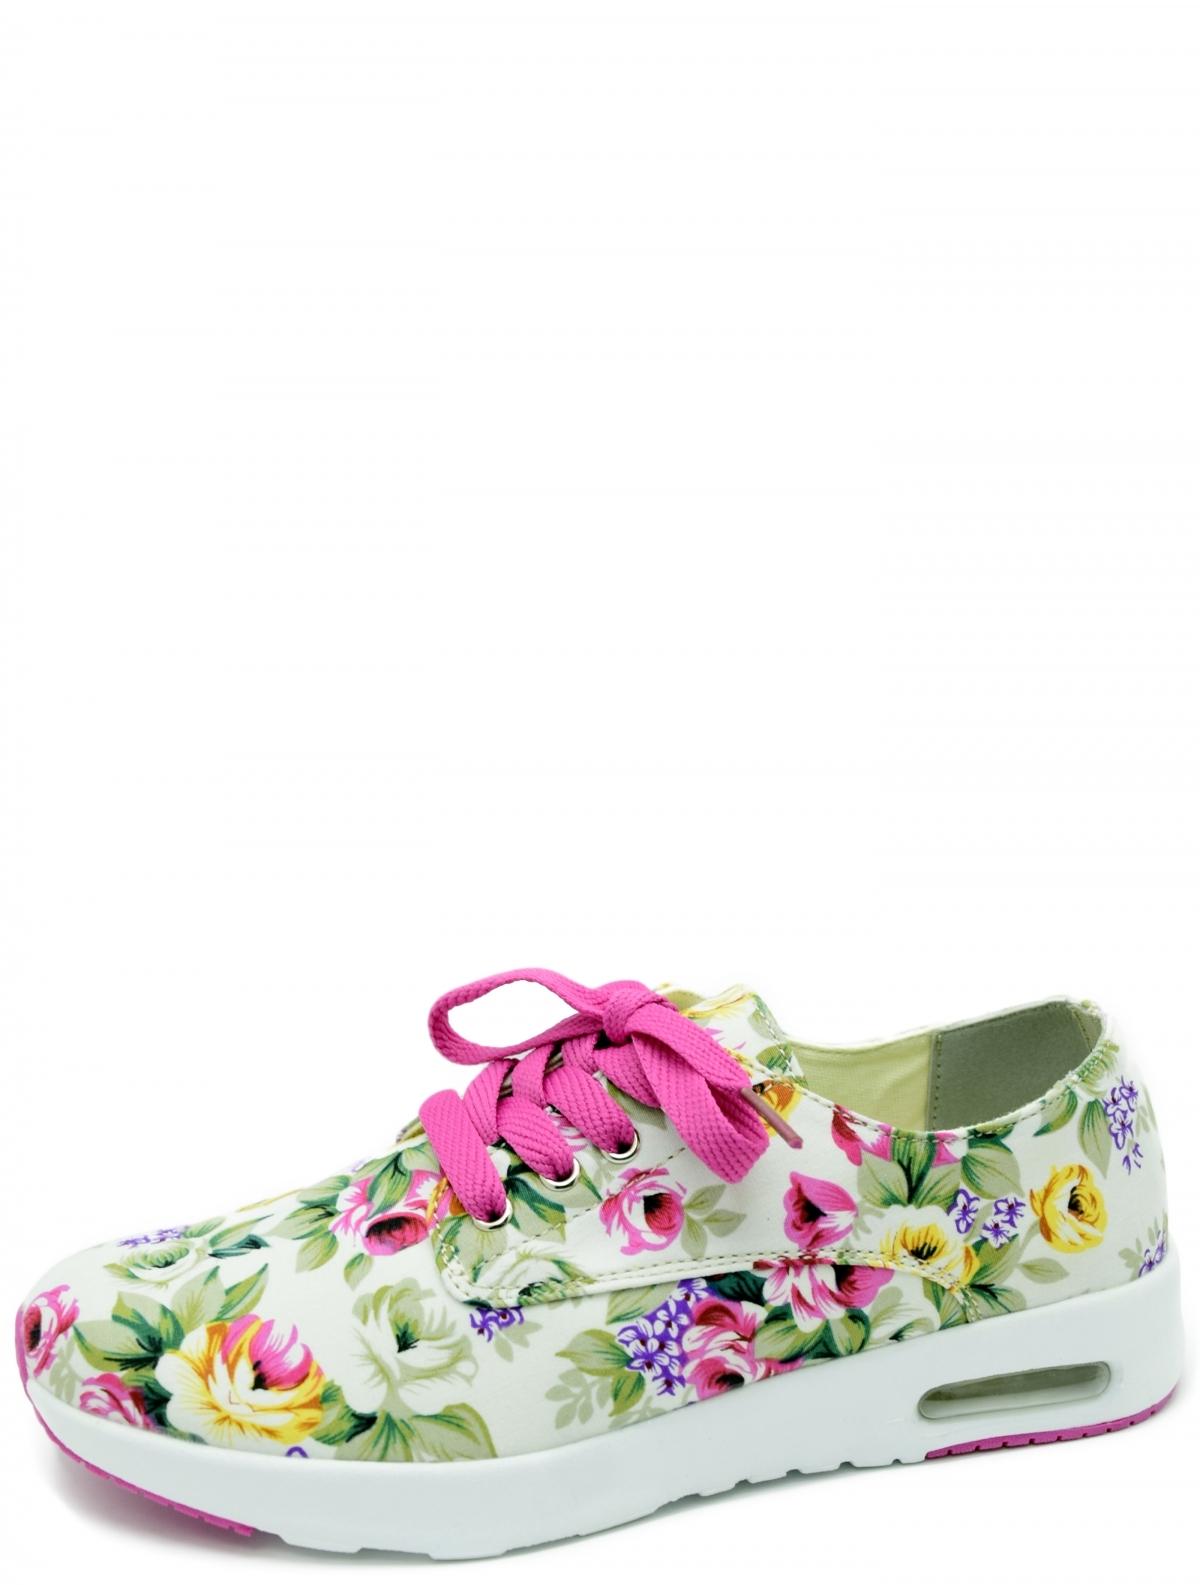 467247/02-03 женские кроссовки